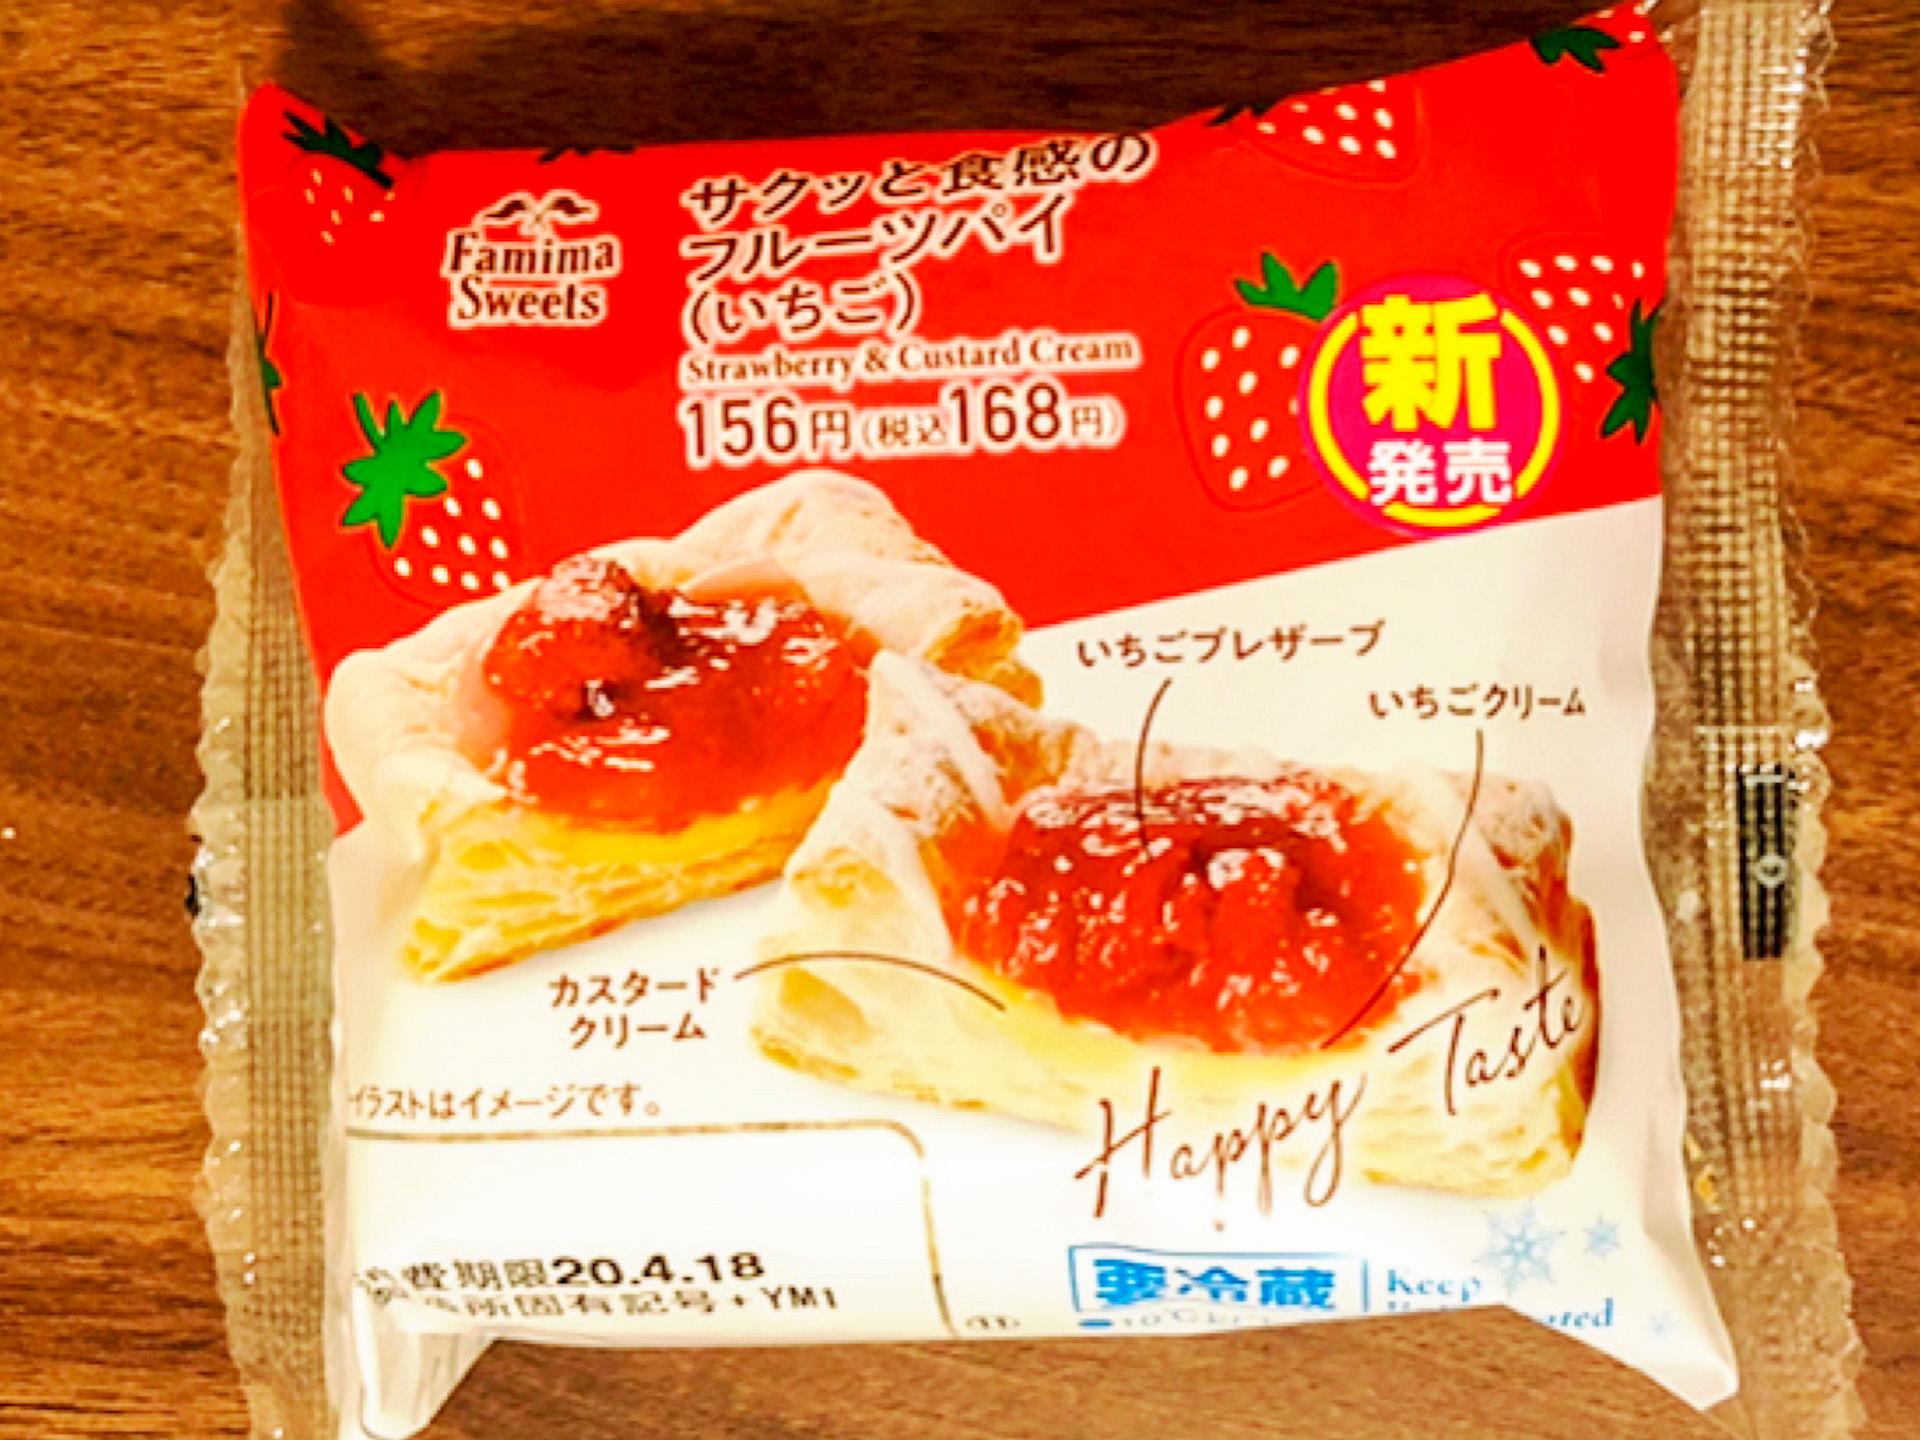 ファミマの新商品!フルーツパイ(いちご)